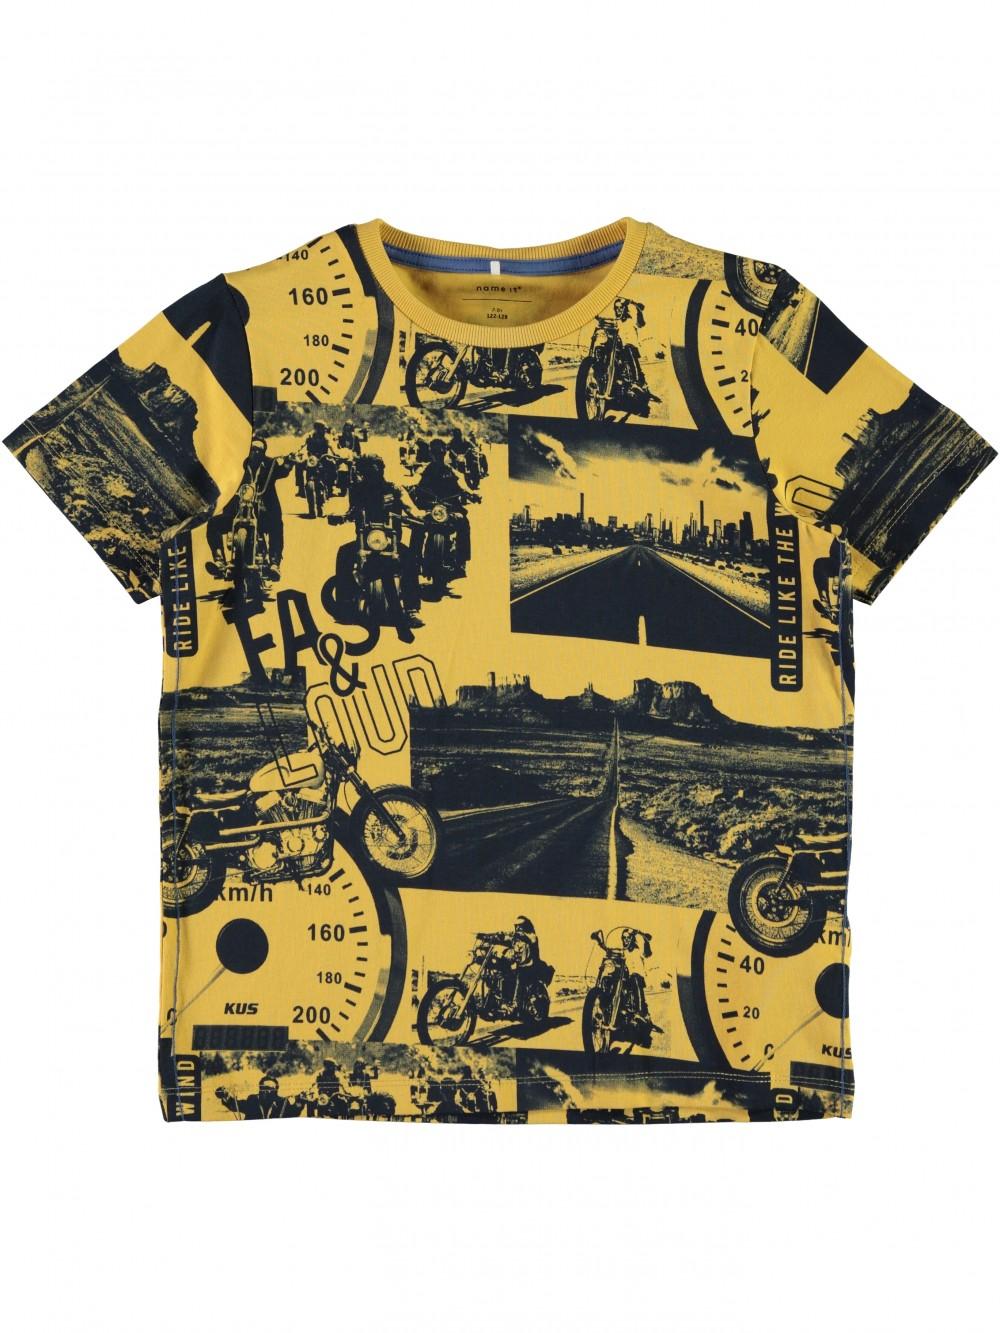 fa163bf4 T-skjorter Gul og sort t-skjorte med motorsykler – Mio Trend